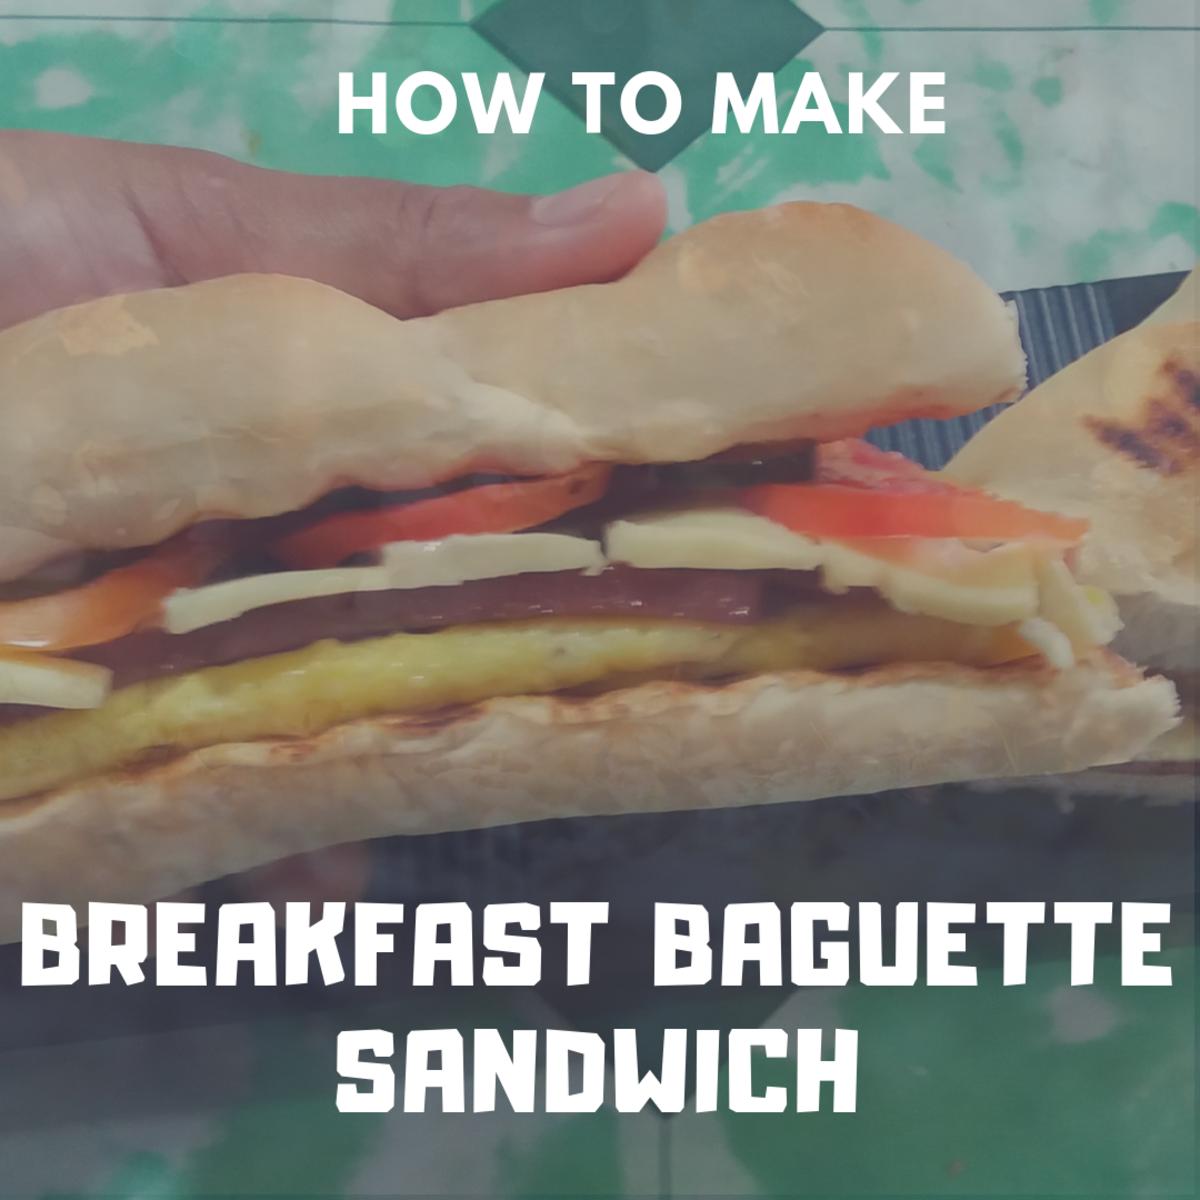 How to Make a Breakfast Baguette Sandwich